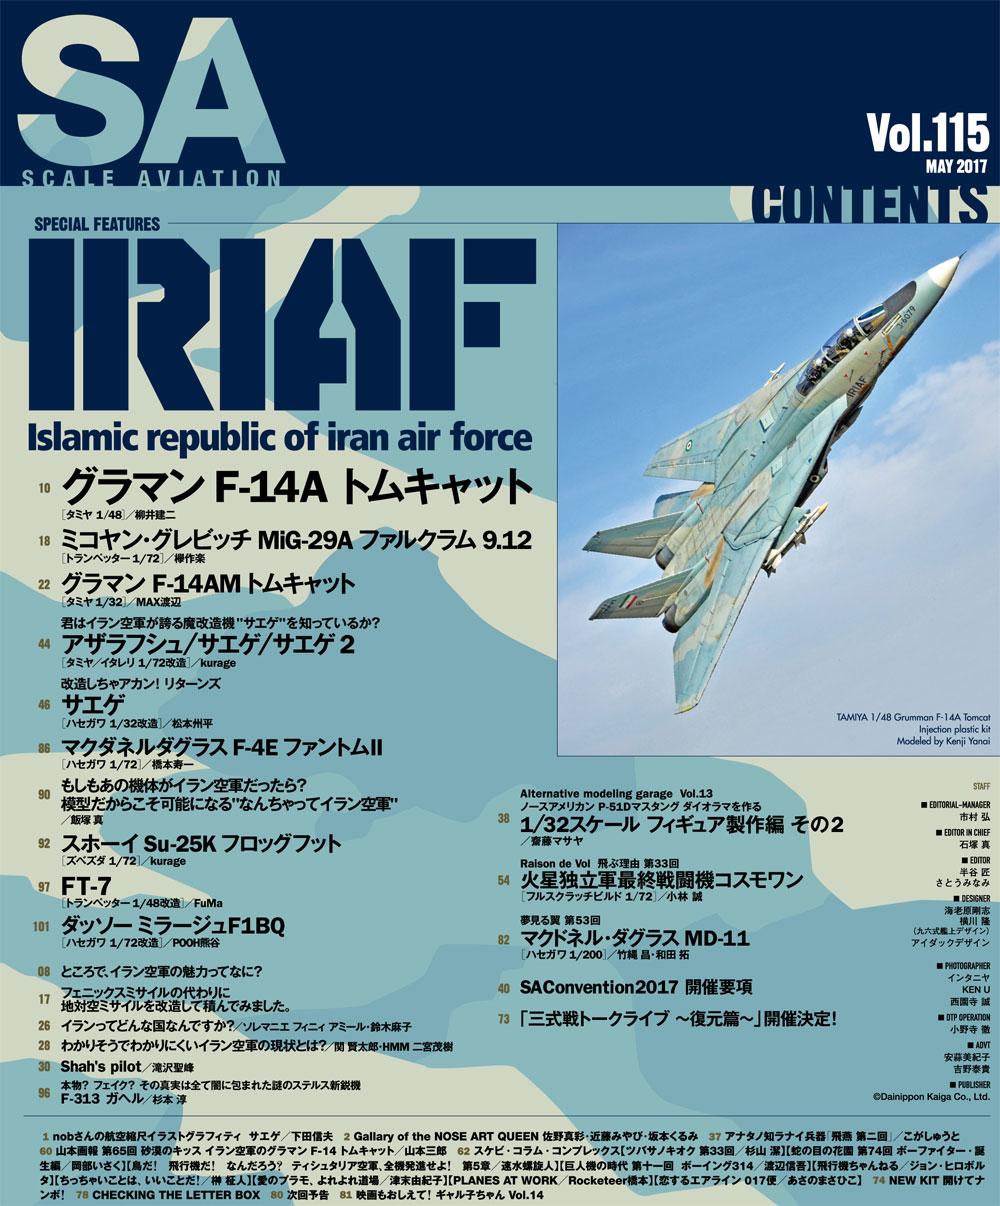 スケール アヴィエーション 2017年5月号雑誌(大日本絵画Scale AviationNo.Vol.115)商品画像_1